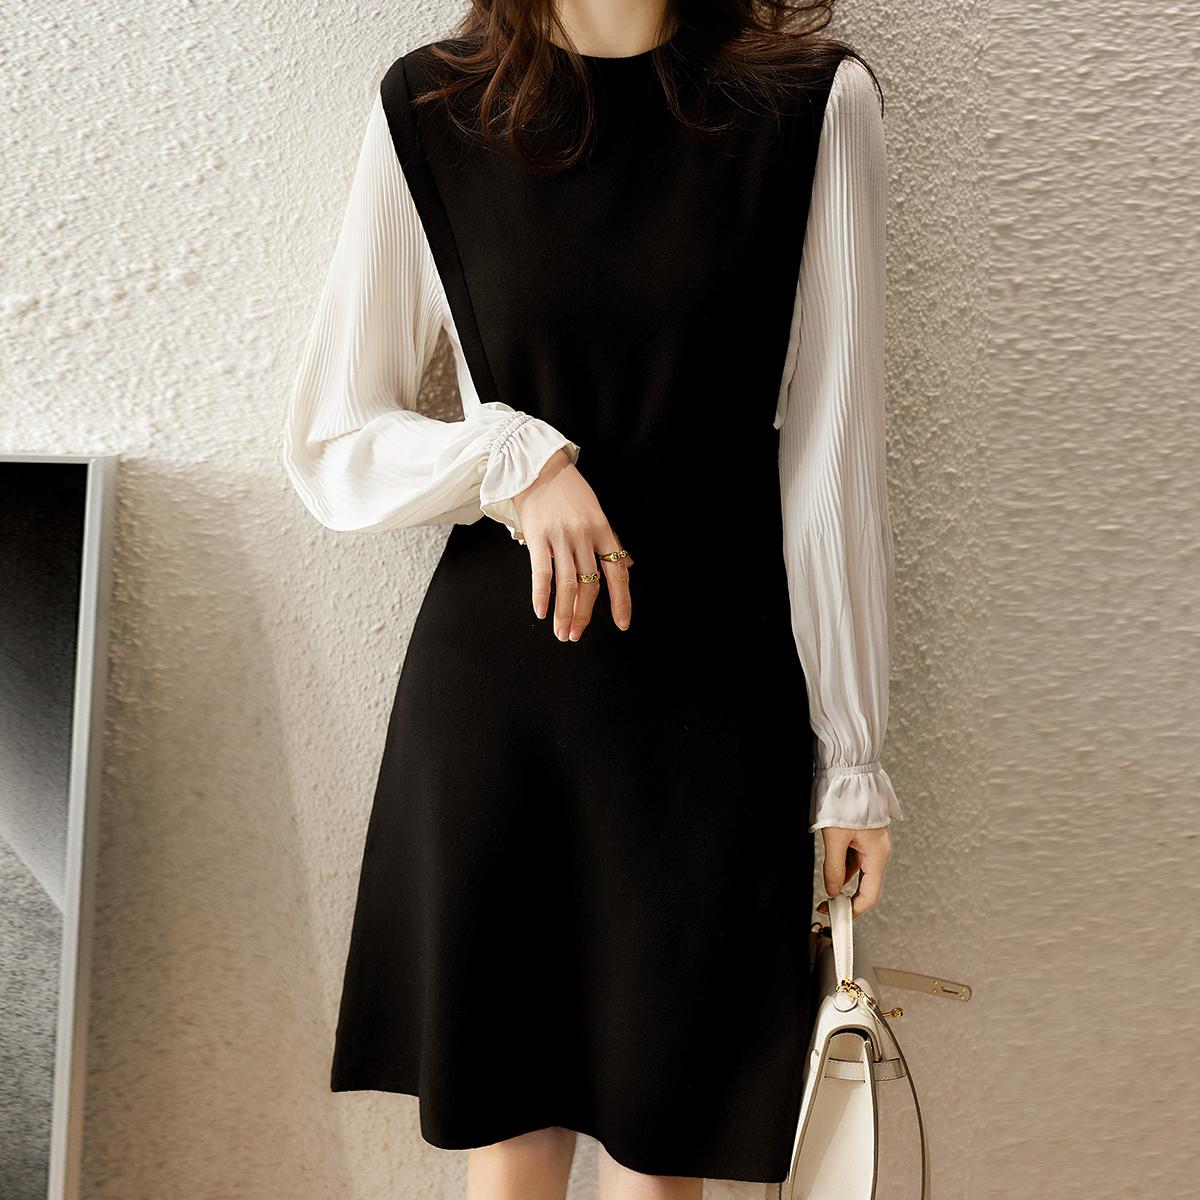 笑涵閣2021年早秋季新款法式初戀設計感小眾赫本風小黑裙連衣裙子